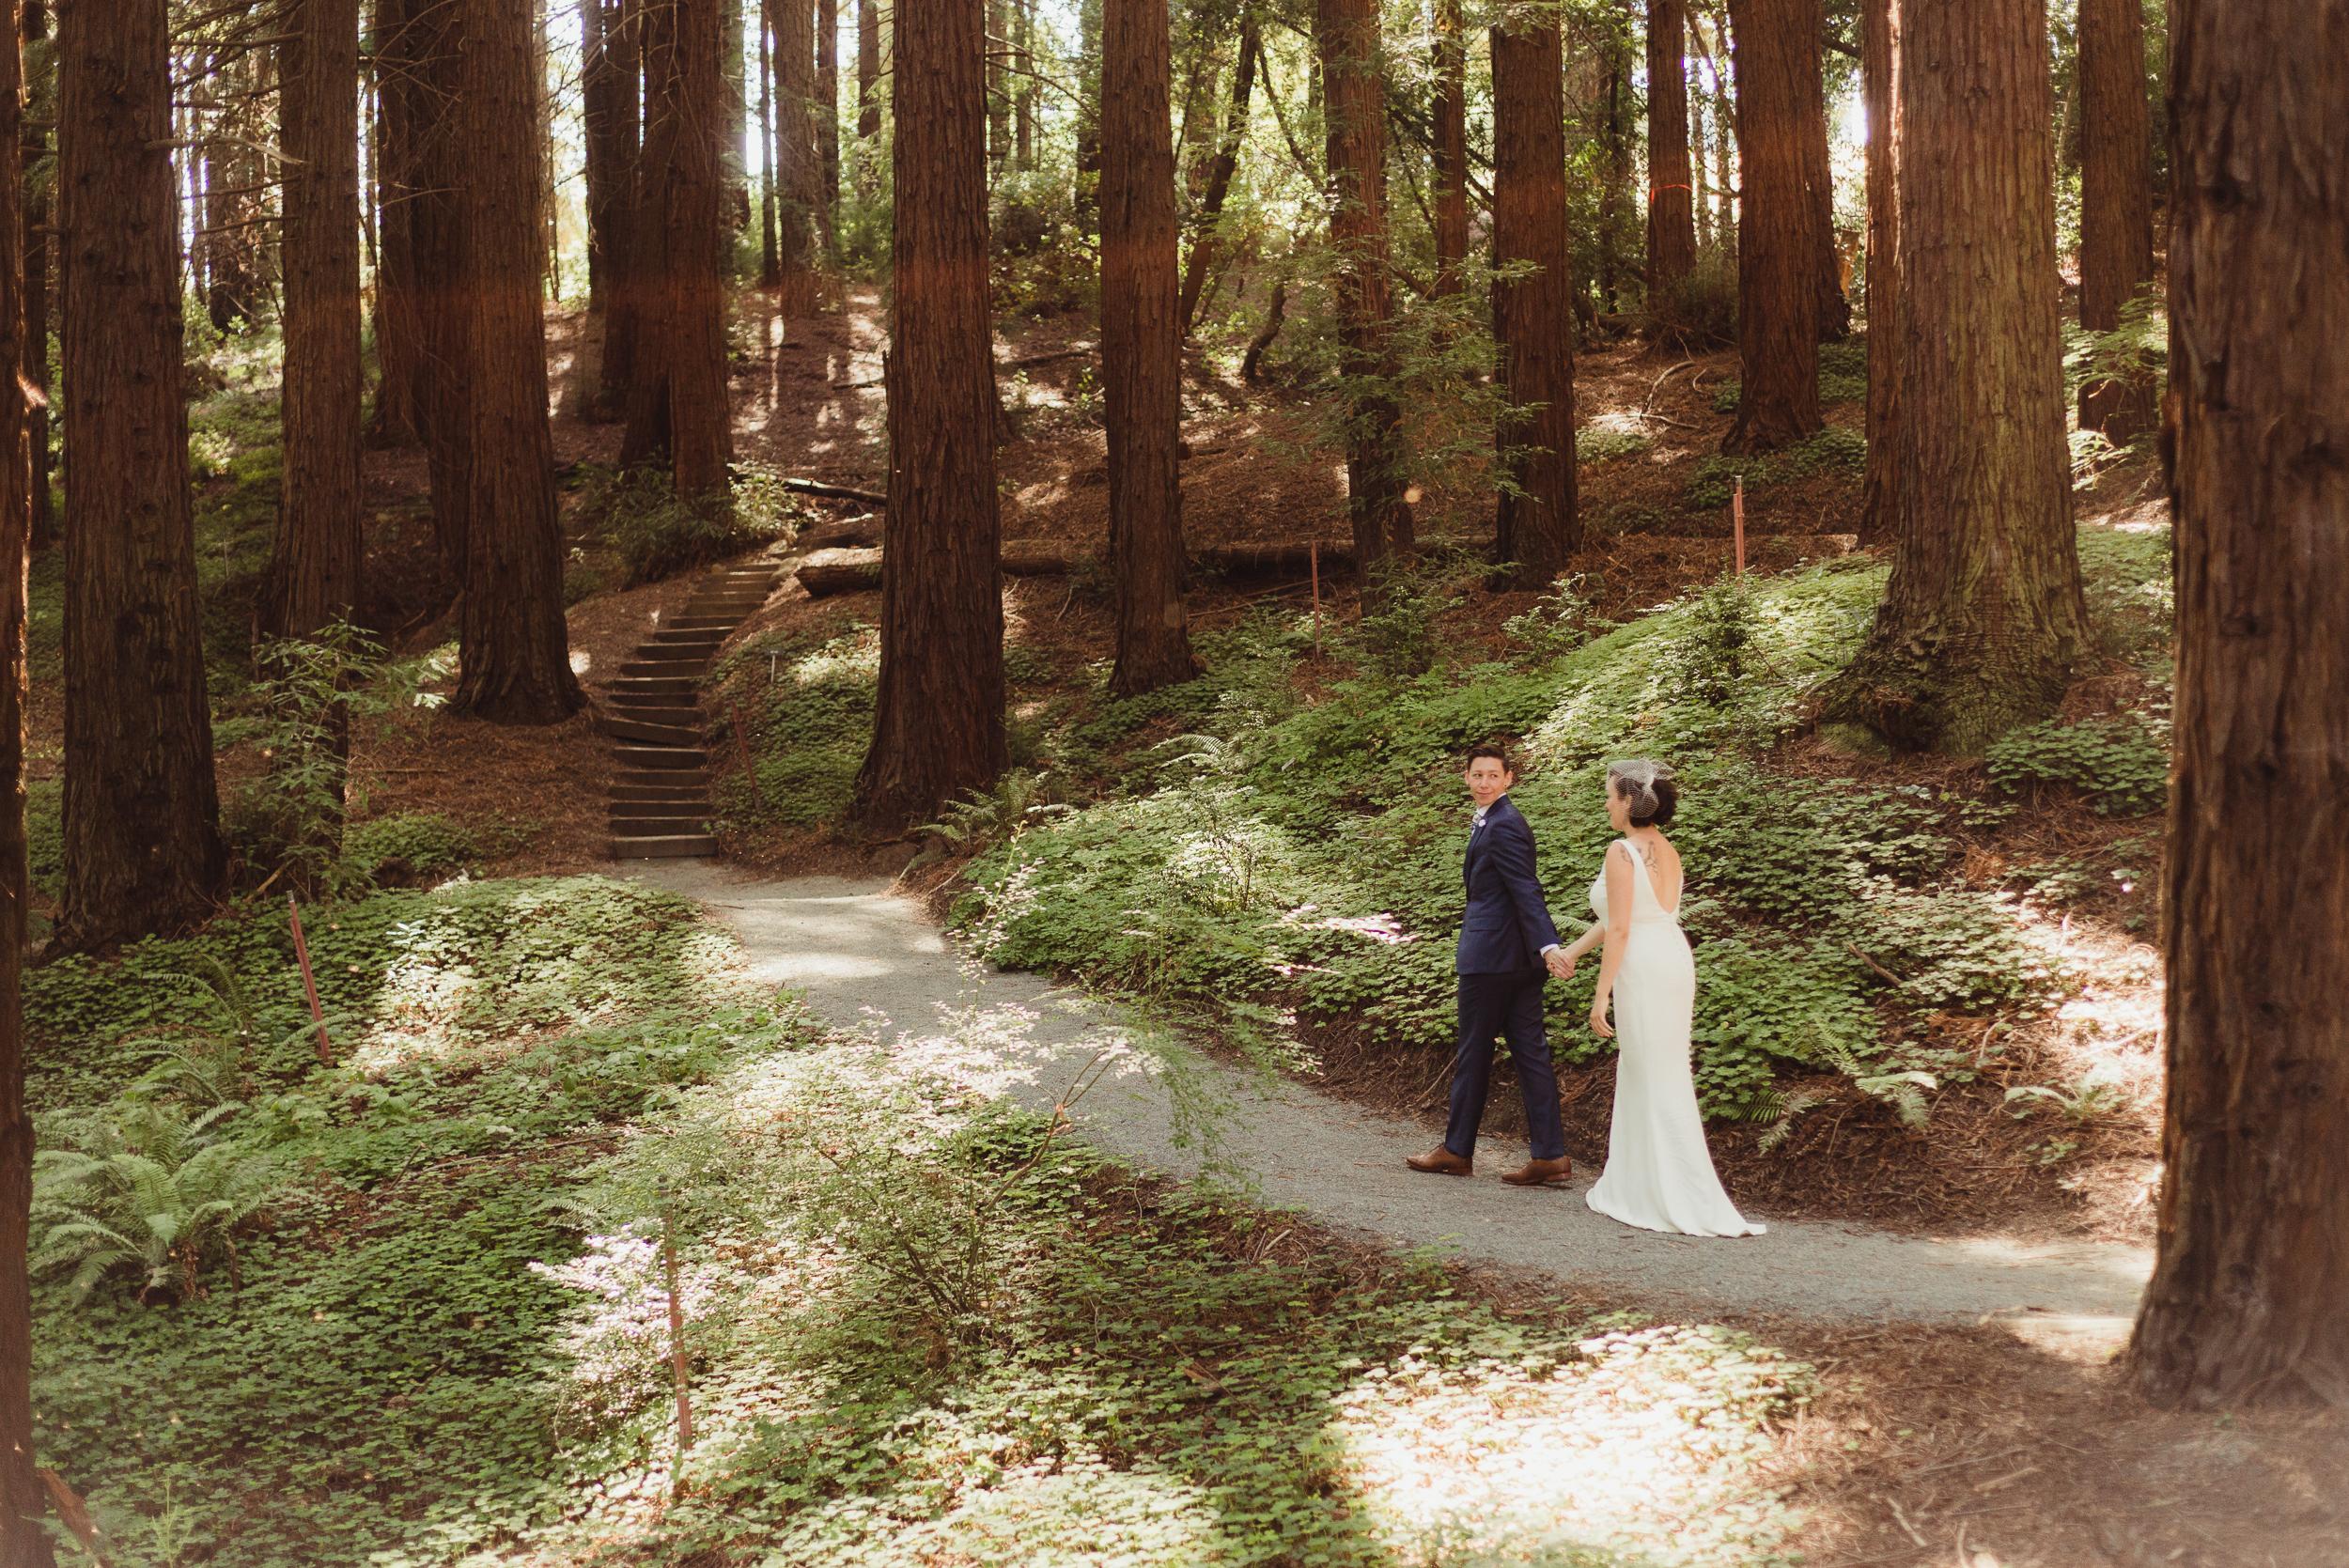 lgbtq-uc-berkeley-botanical-garden-wedding-vivianchen-051.jpg